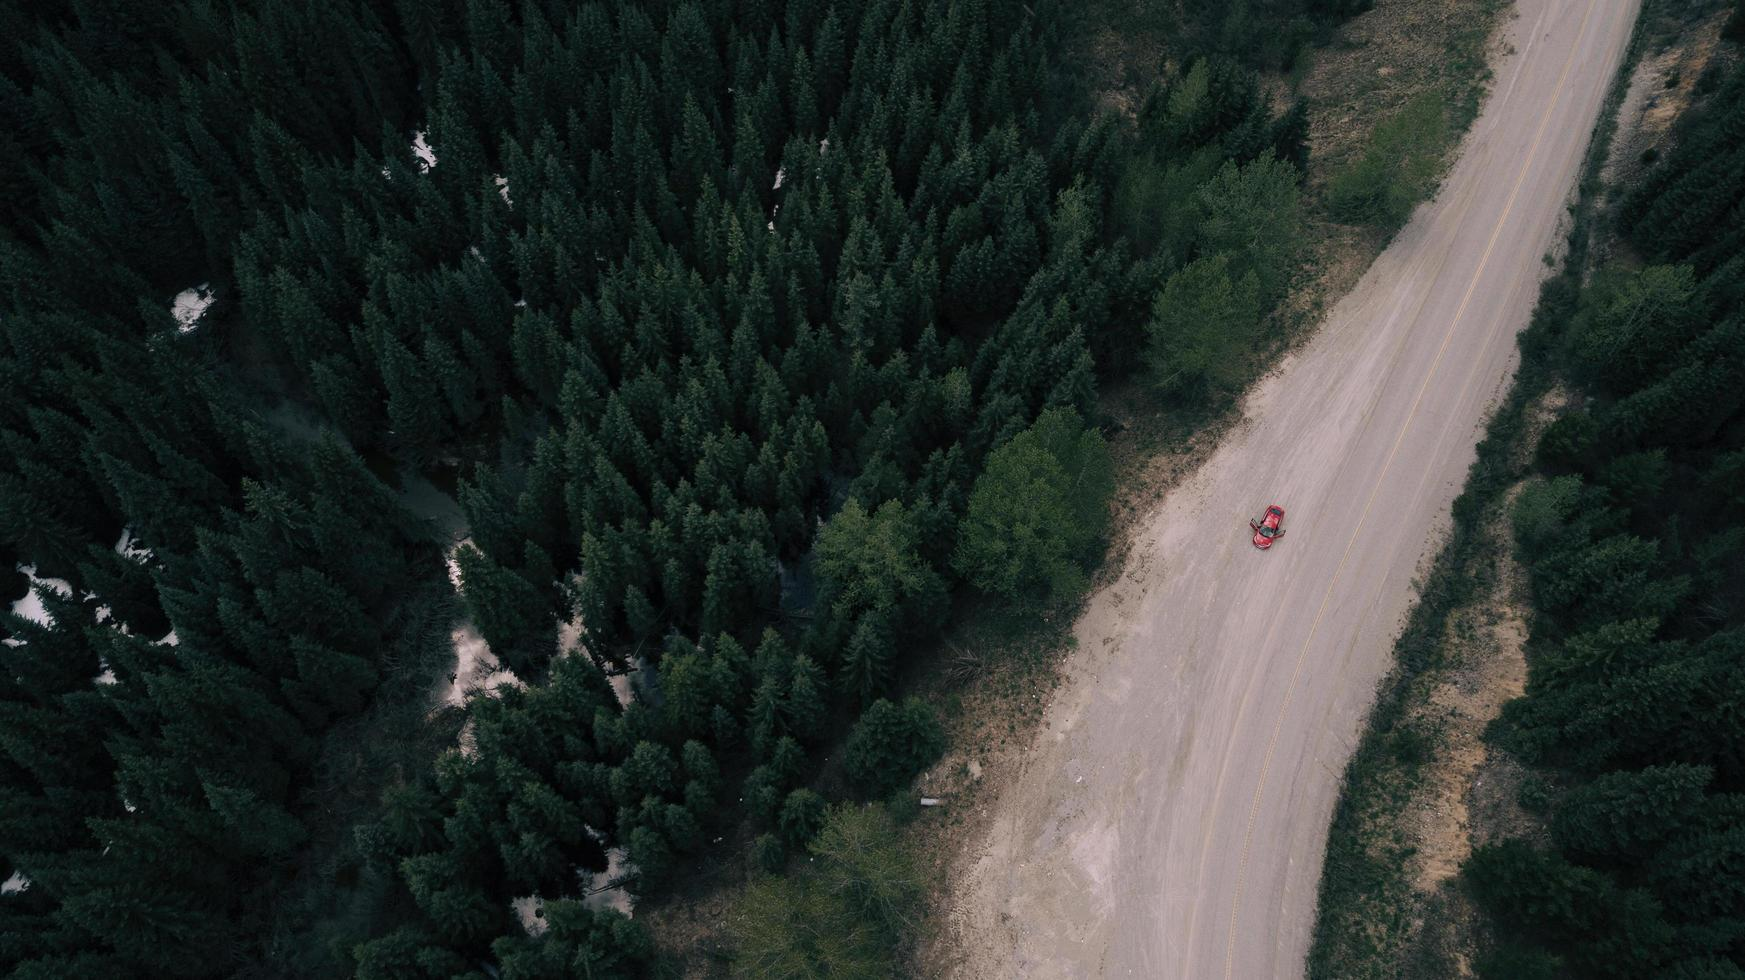 vista aerea di una macchina rossa su una strada tra gli alberi foto